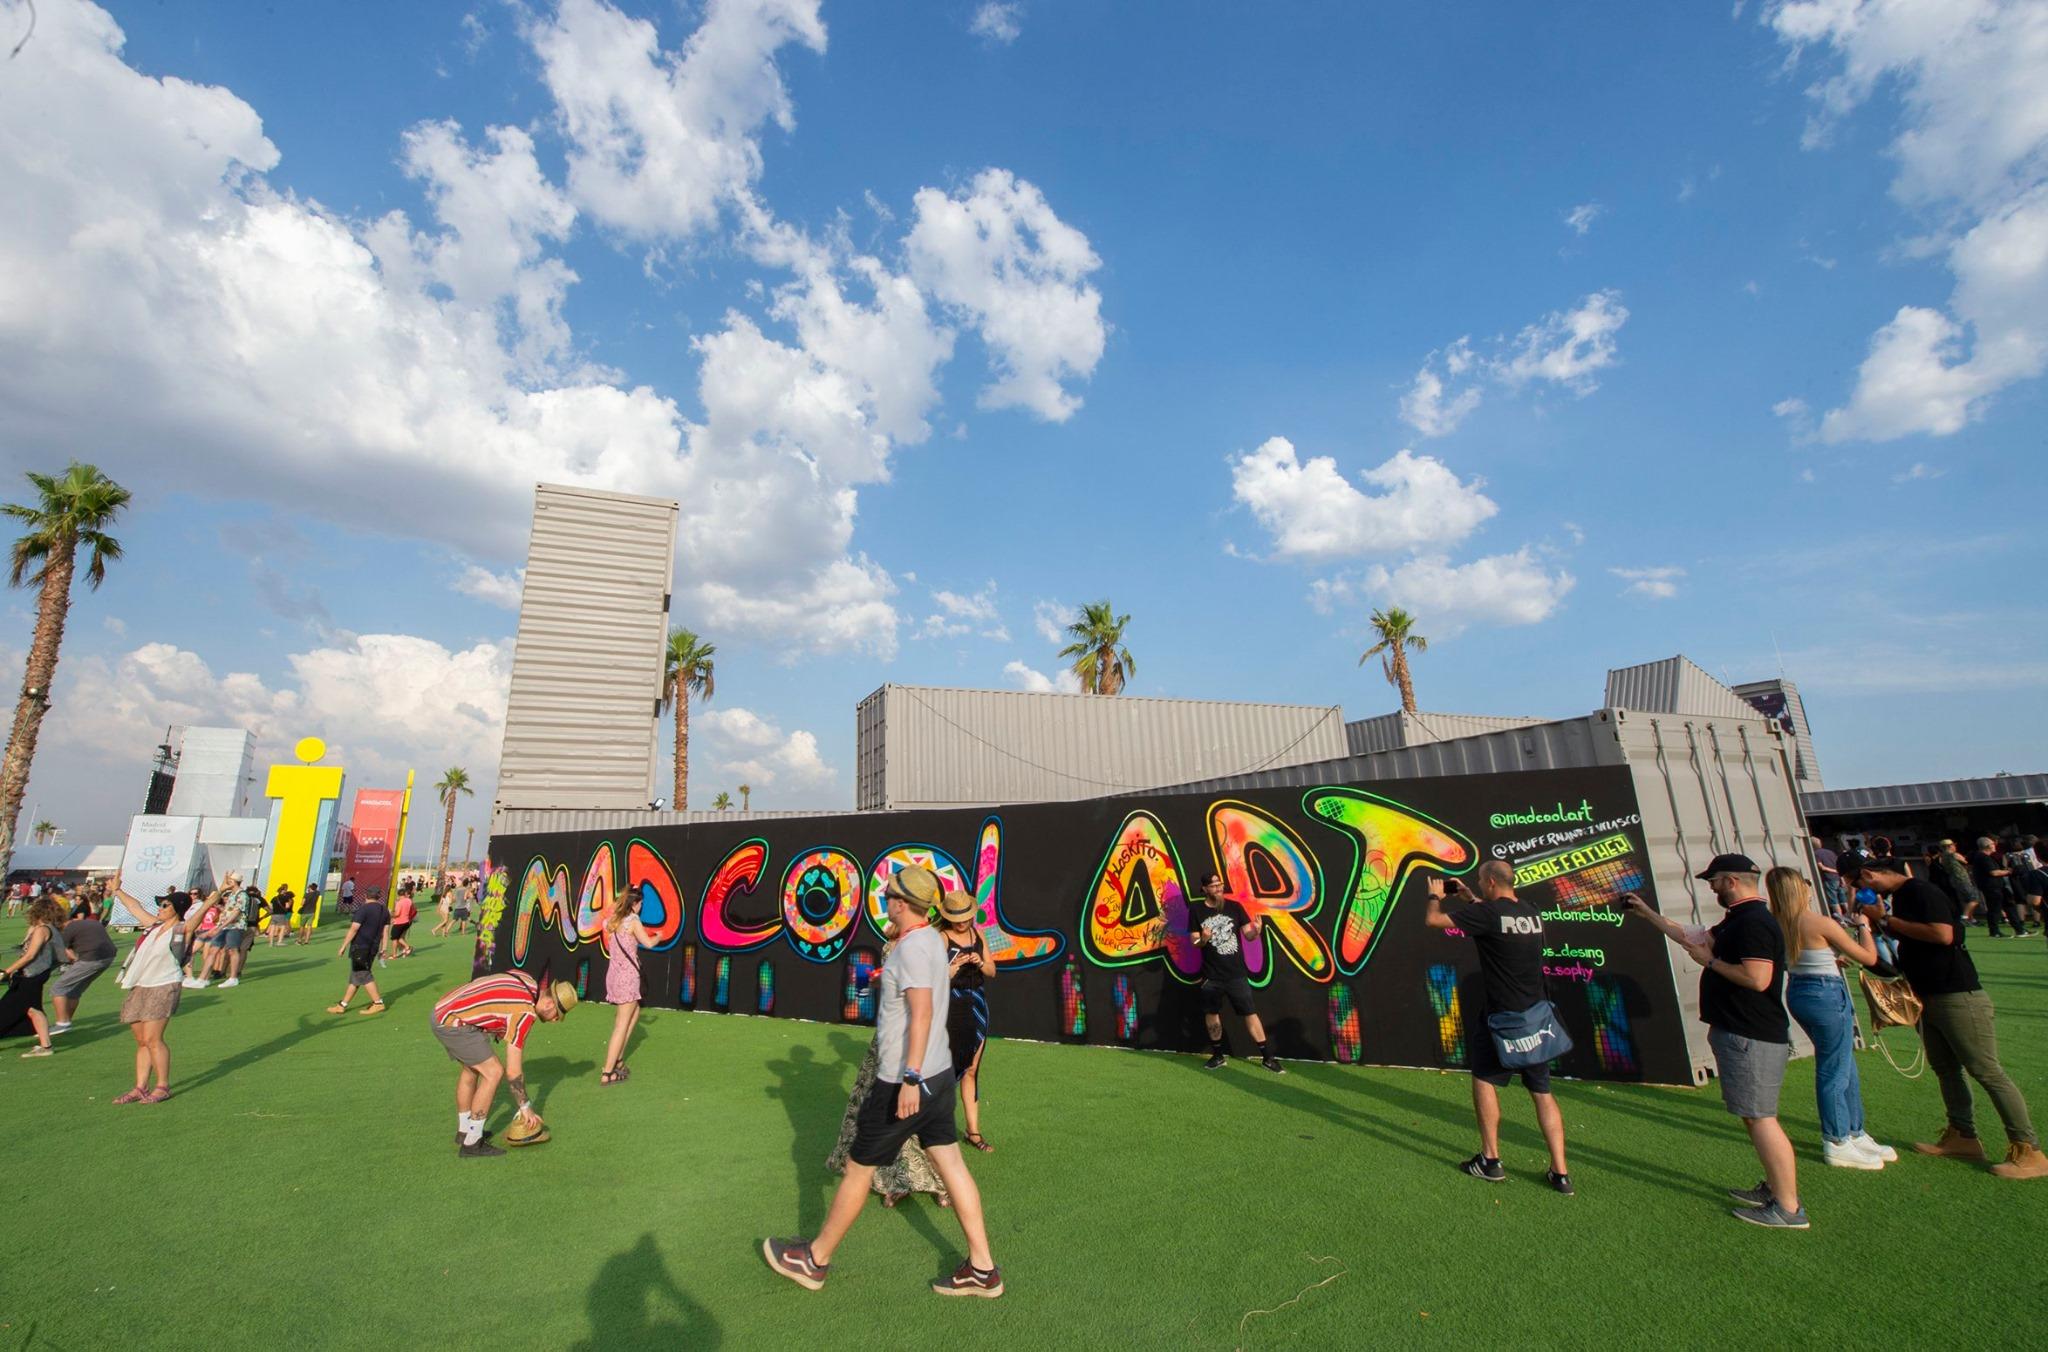 Zona artística y de graffiti del festival Mad Cool en Madrid